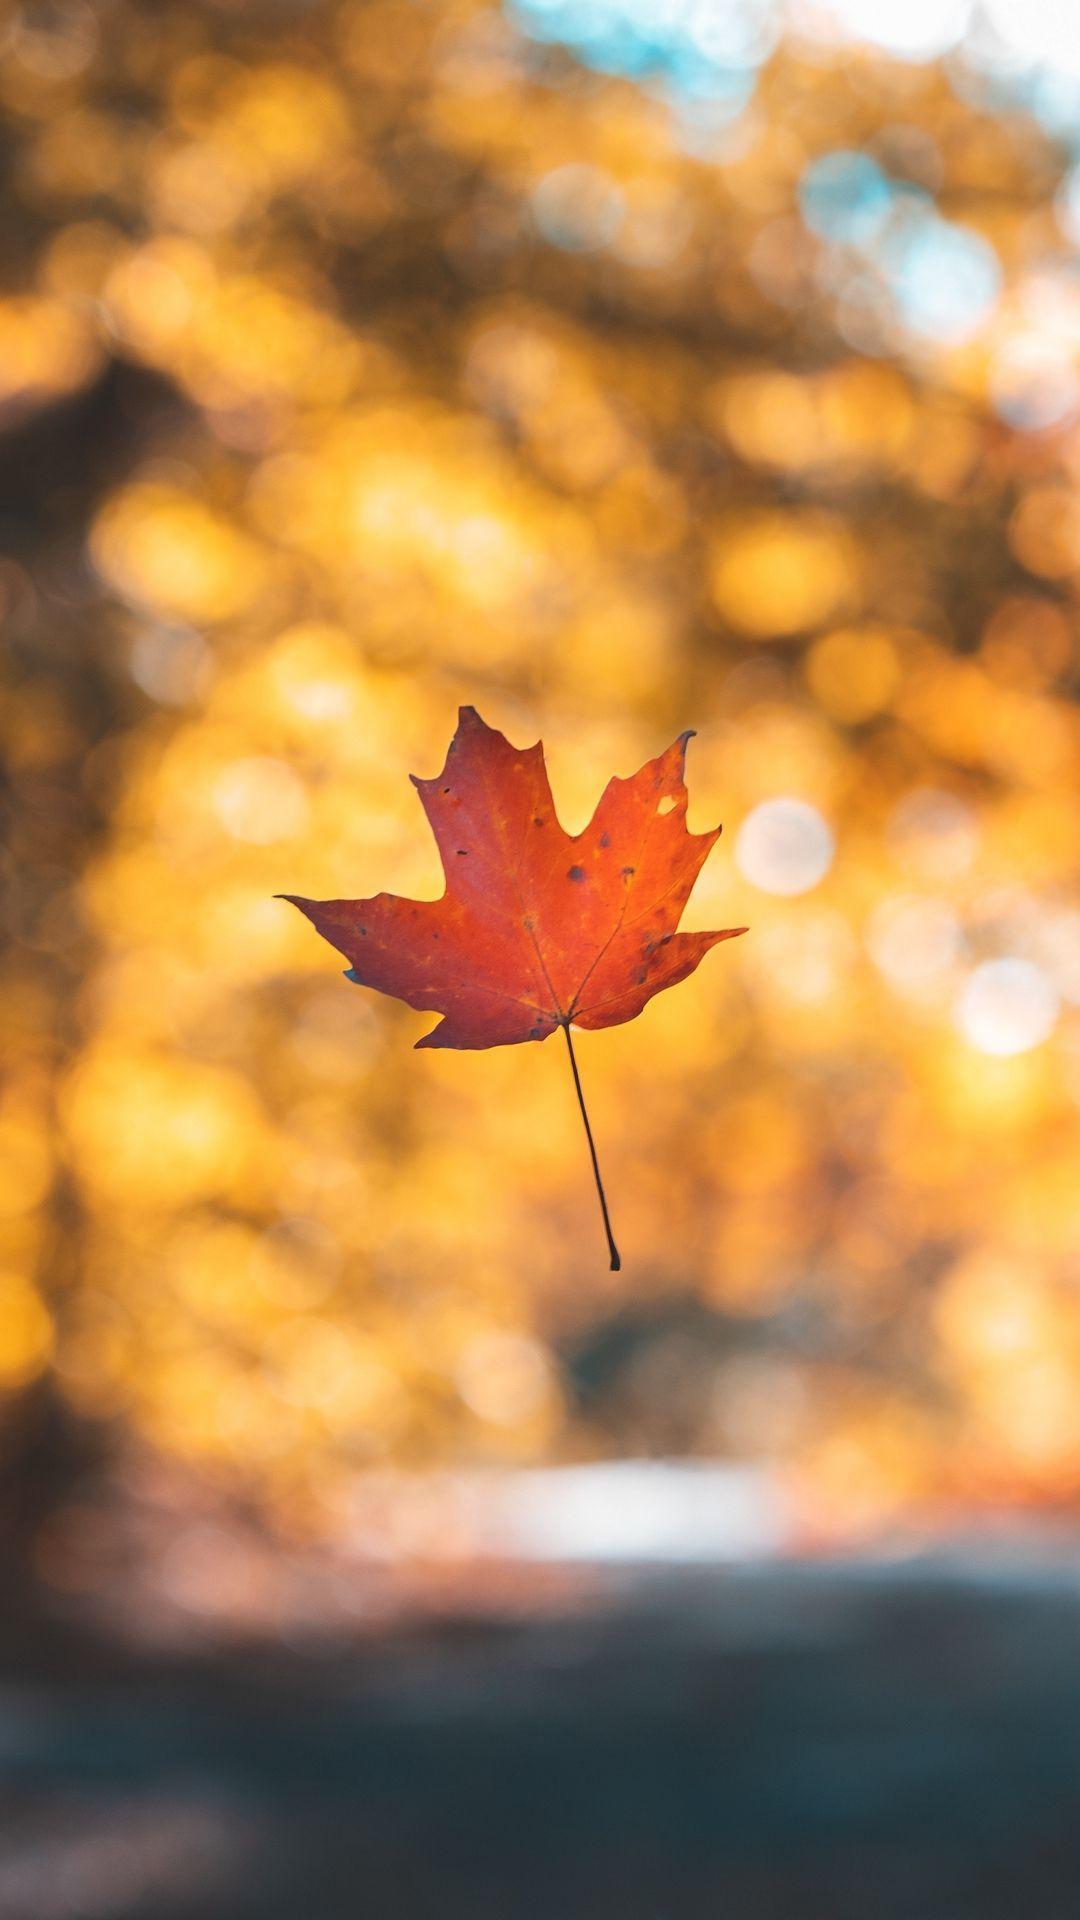 Minimalist Autumn Wallpapers - Top Free Minimalist Autumn ...